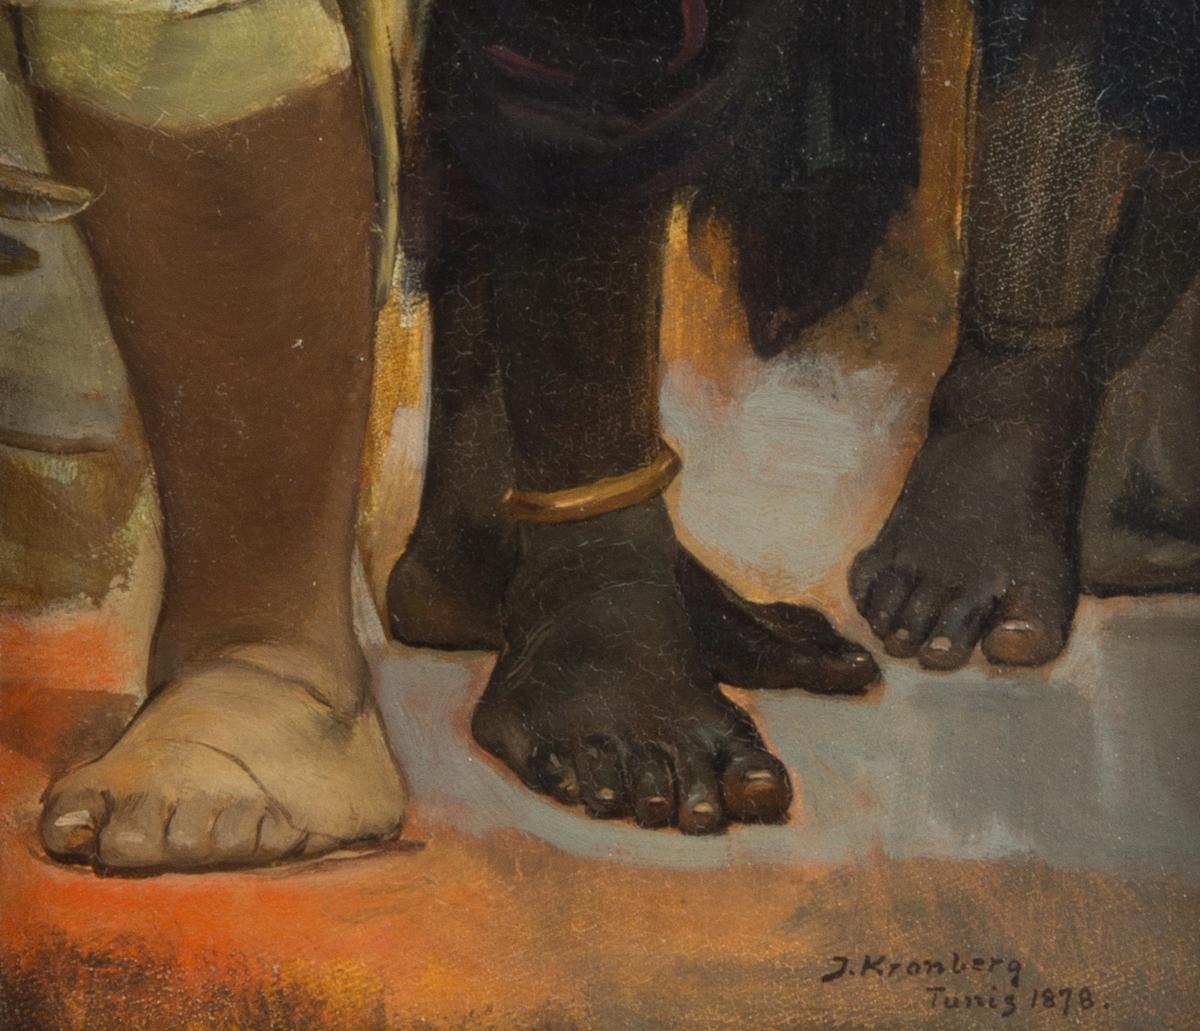 Fyra nakna fötter och delar av underben. En vit och tre svarta. En av de svarta har en ring runt ankeln.